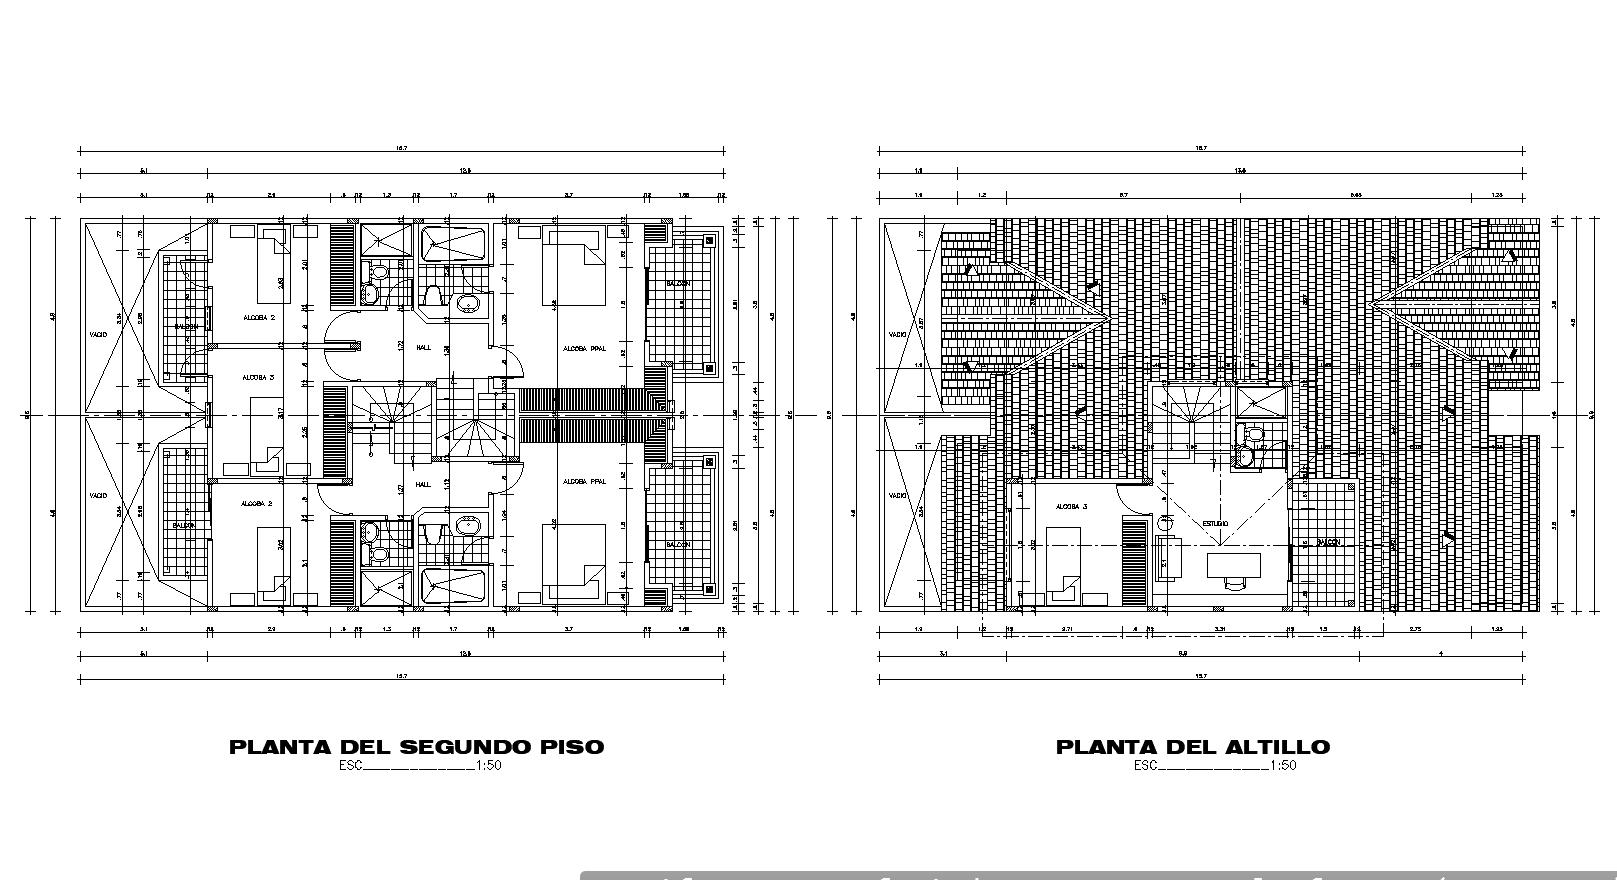 Multi-family loft plan detail dwg file.